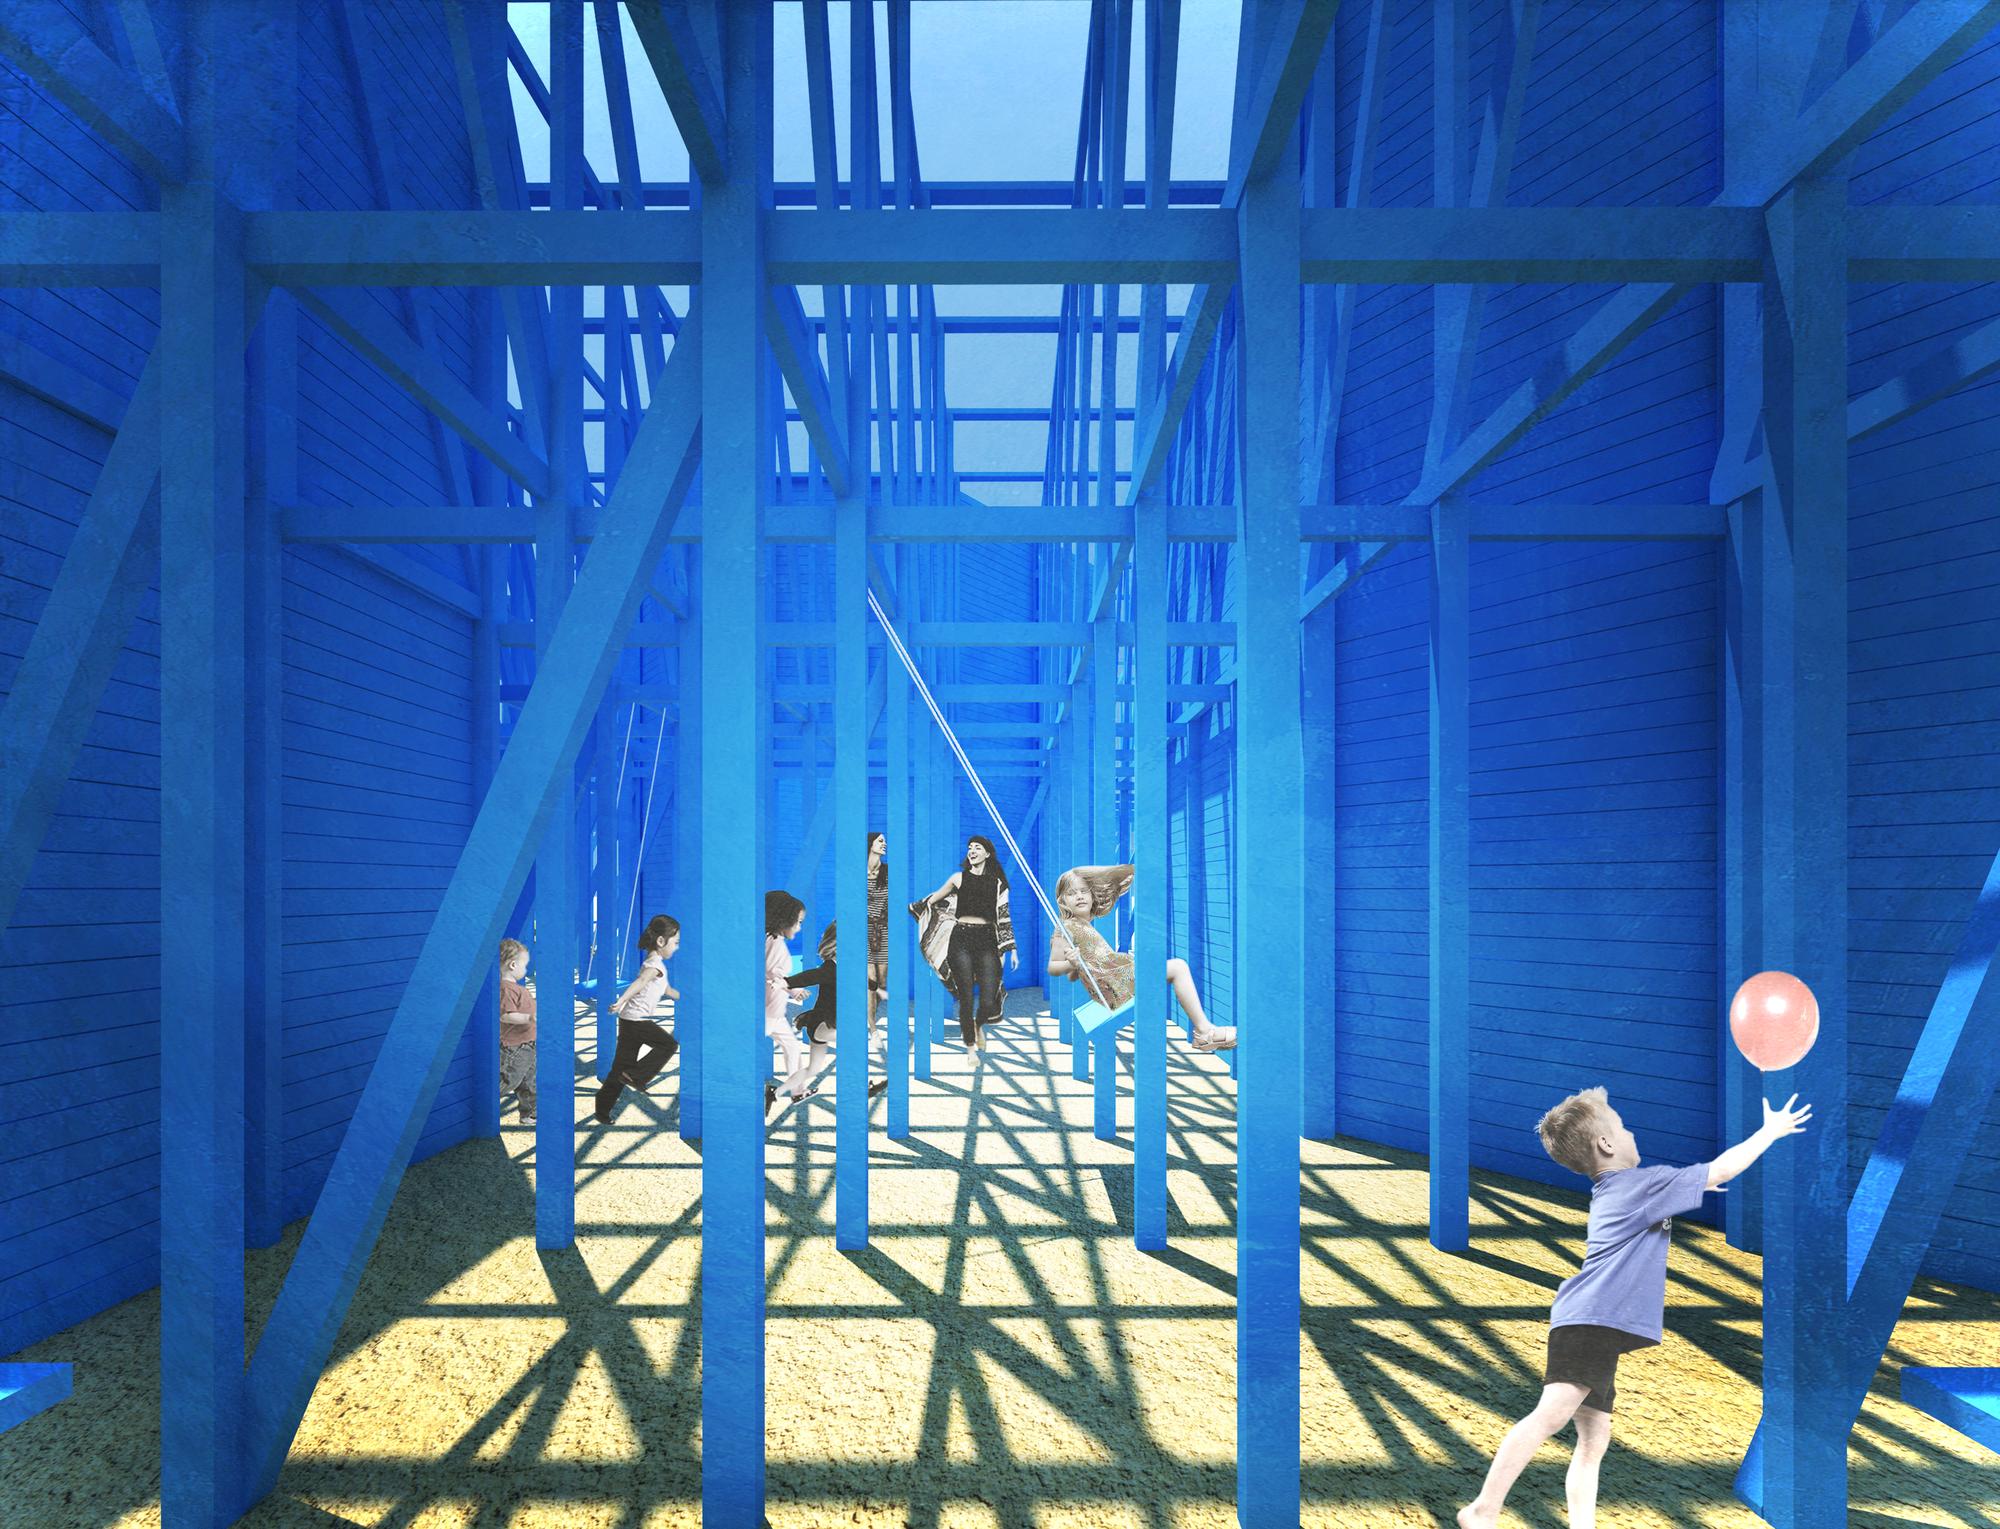 Parque Arauco Tag Plataforma Arquitectura # Muebles Sur Parque Arauco